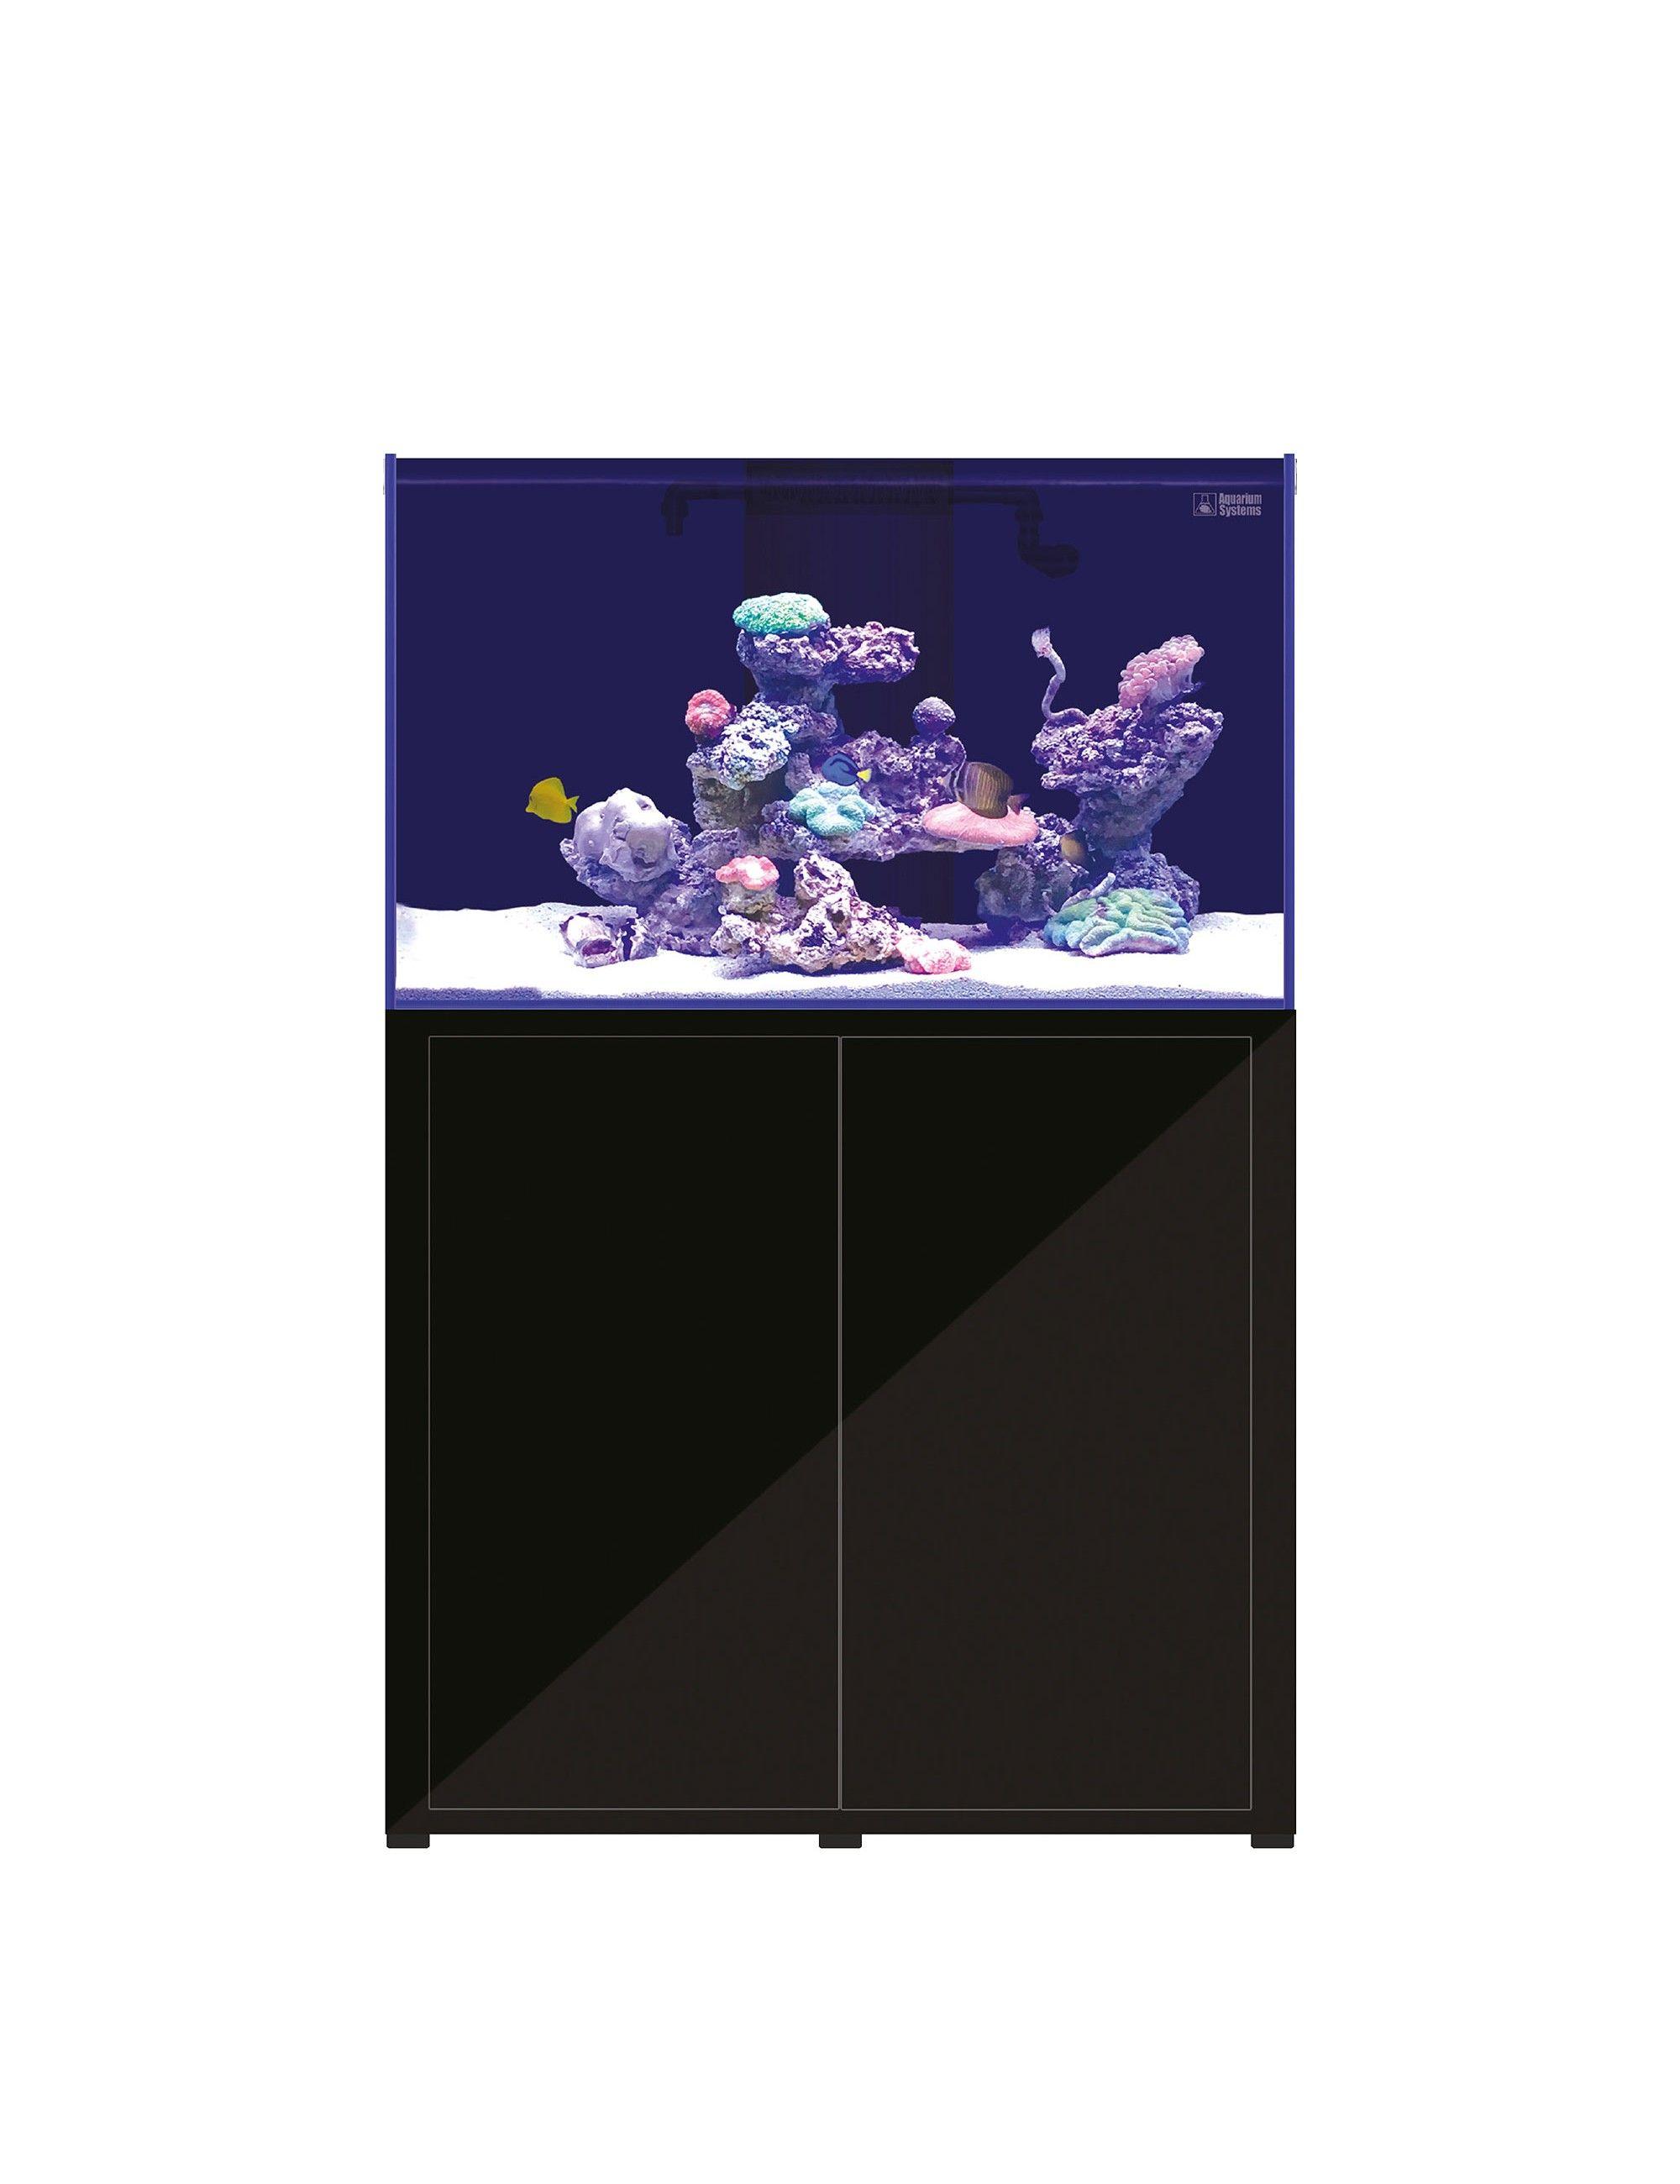 AQUARIUM SYSTEMS - L'aquarium 2.0 - 370 Litres